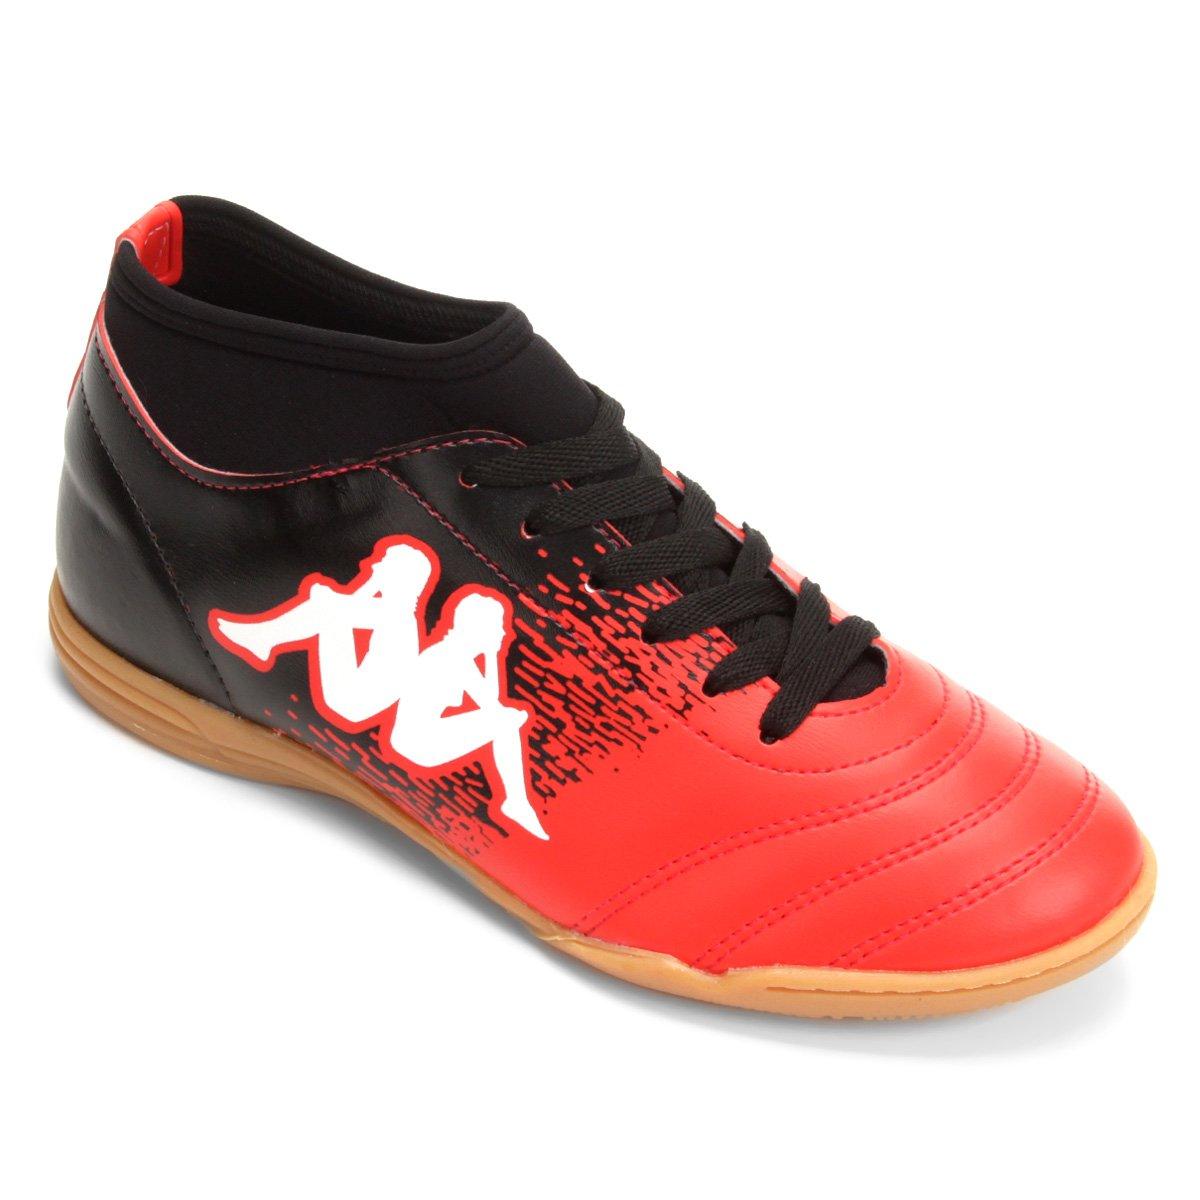 8020af52d8 Chuteira Futsal Kappa Agility